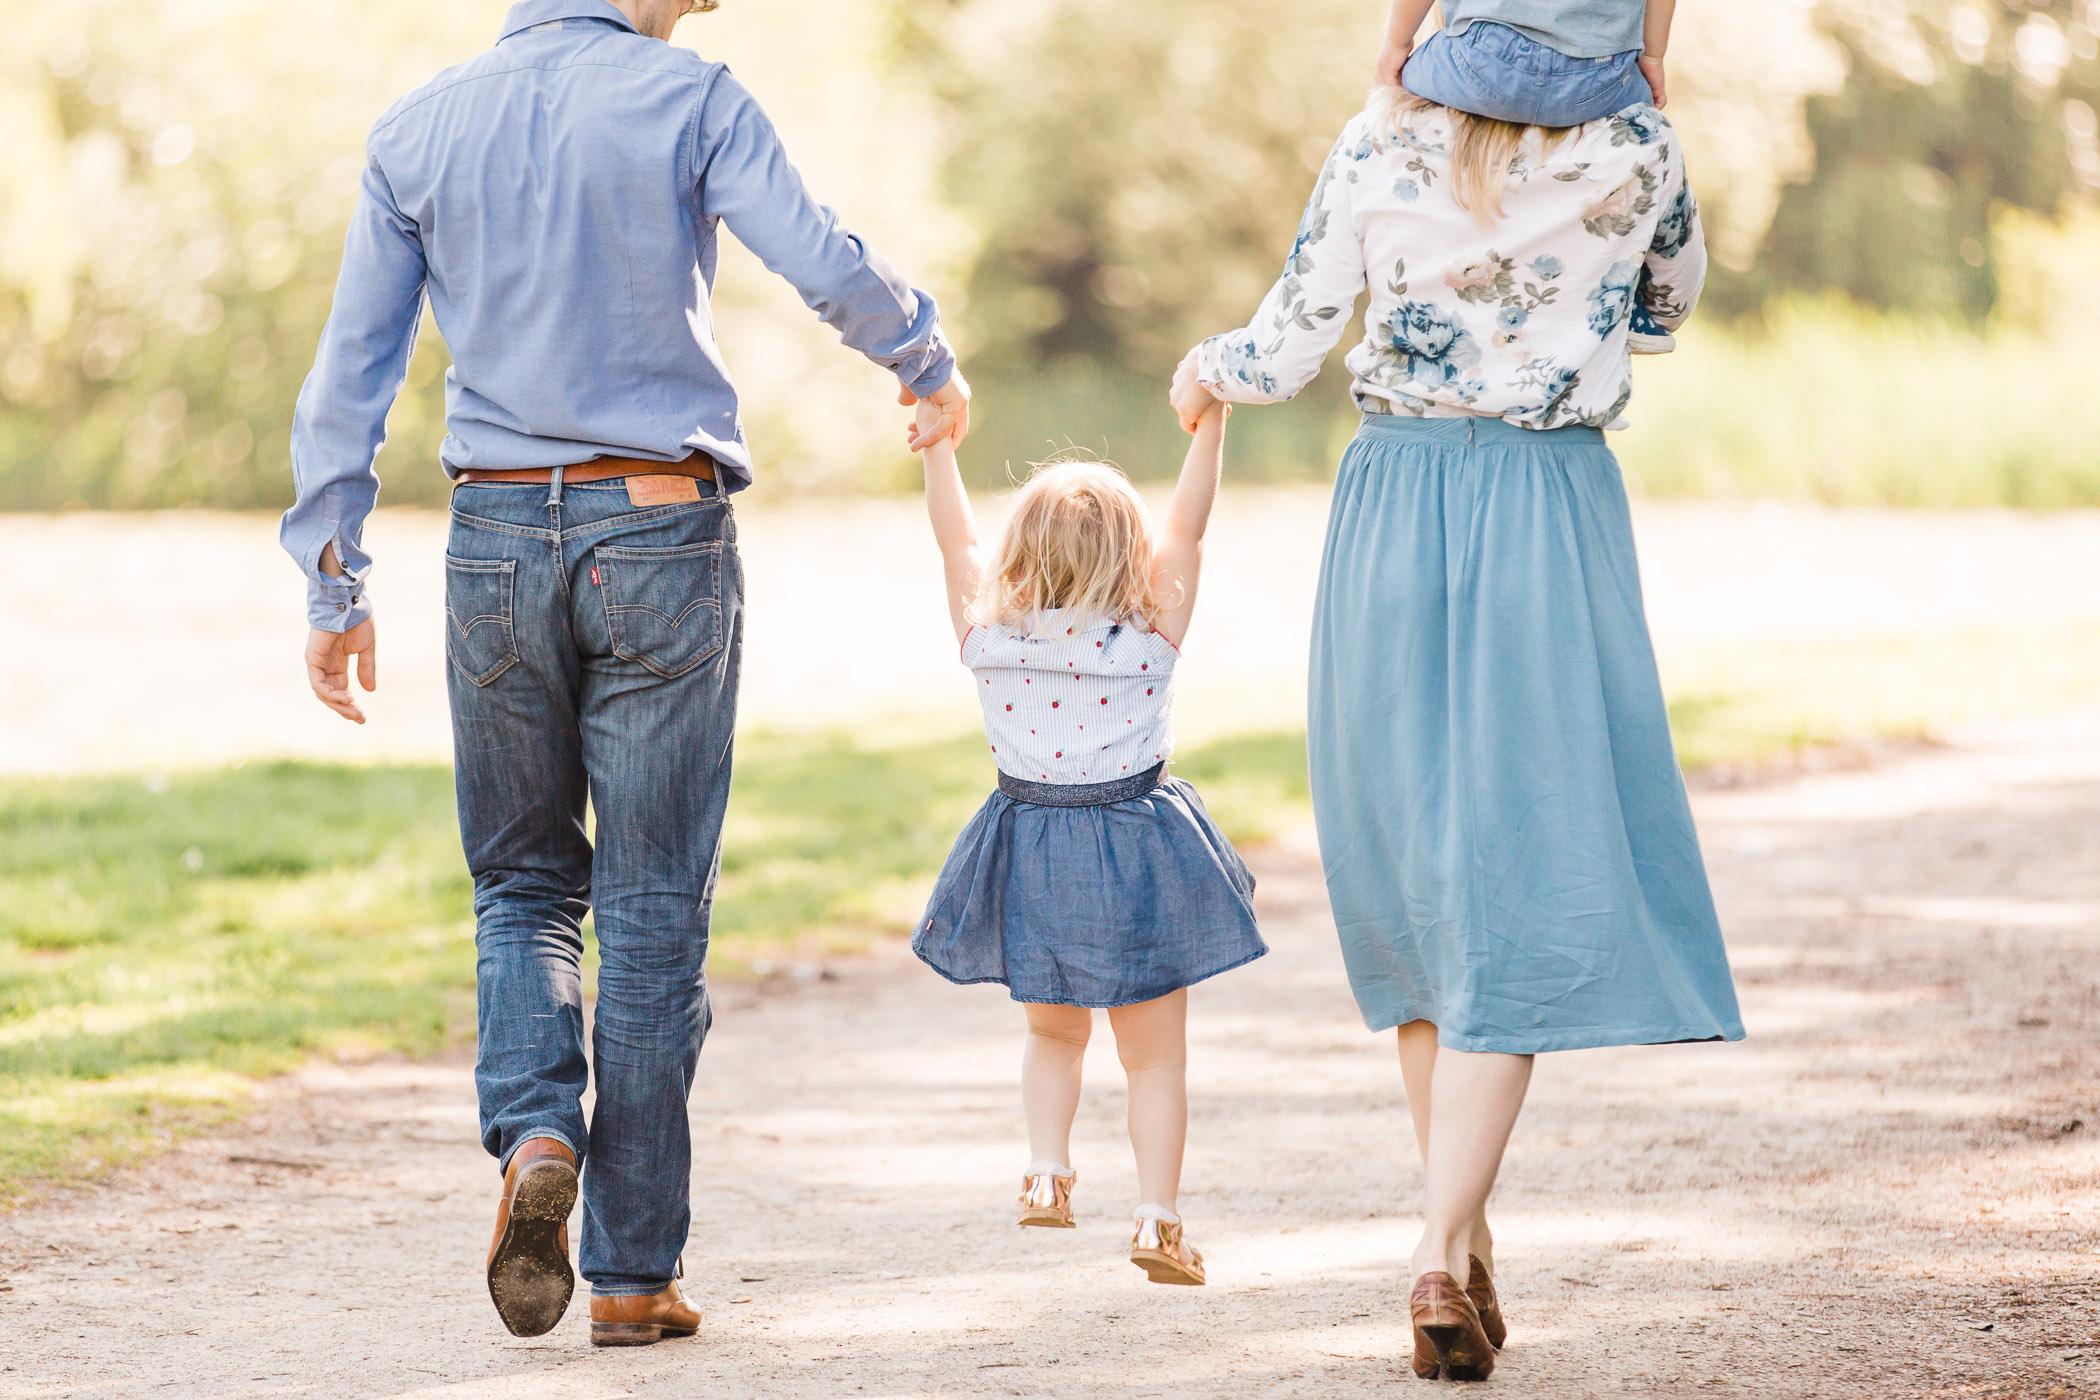 Family Stevens - Vanlangenakker